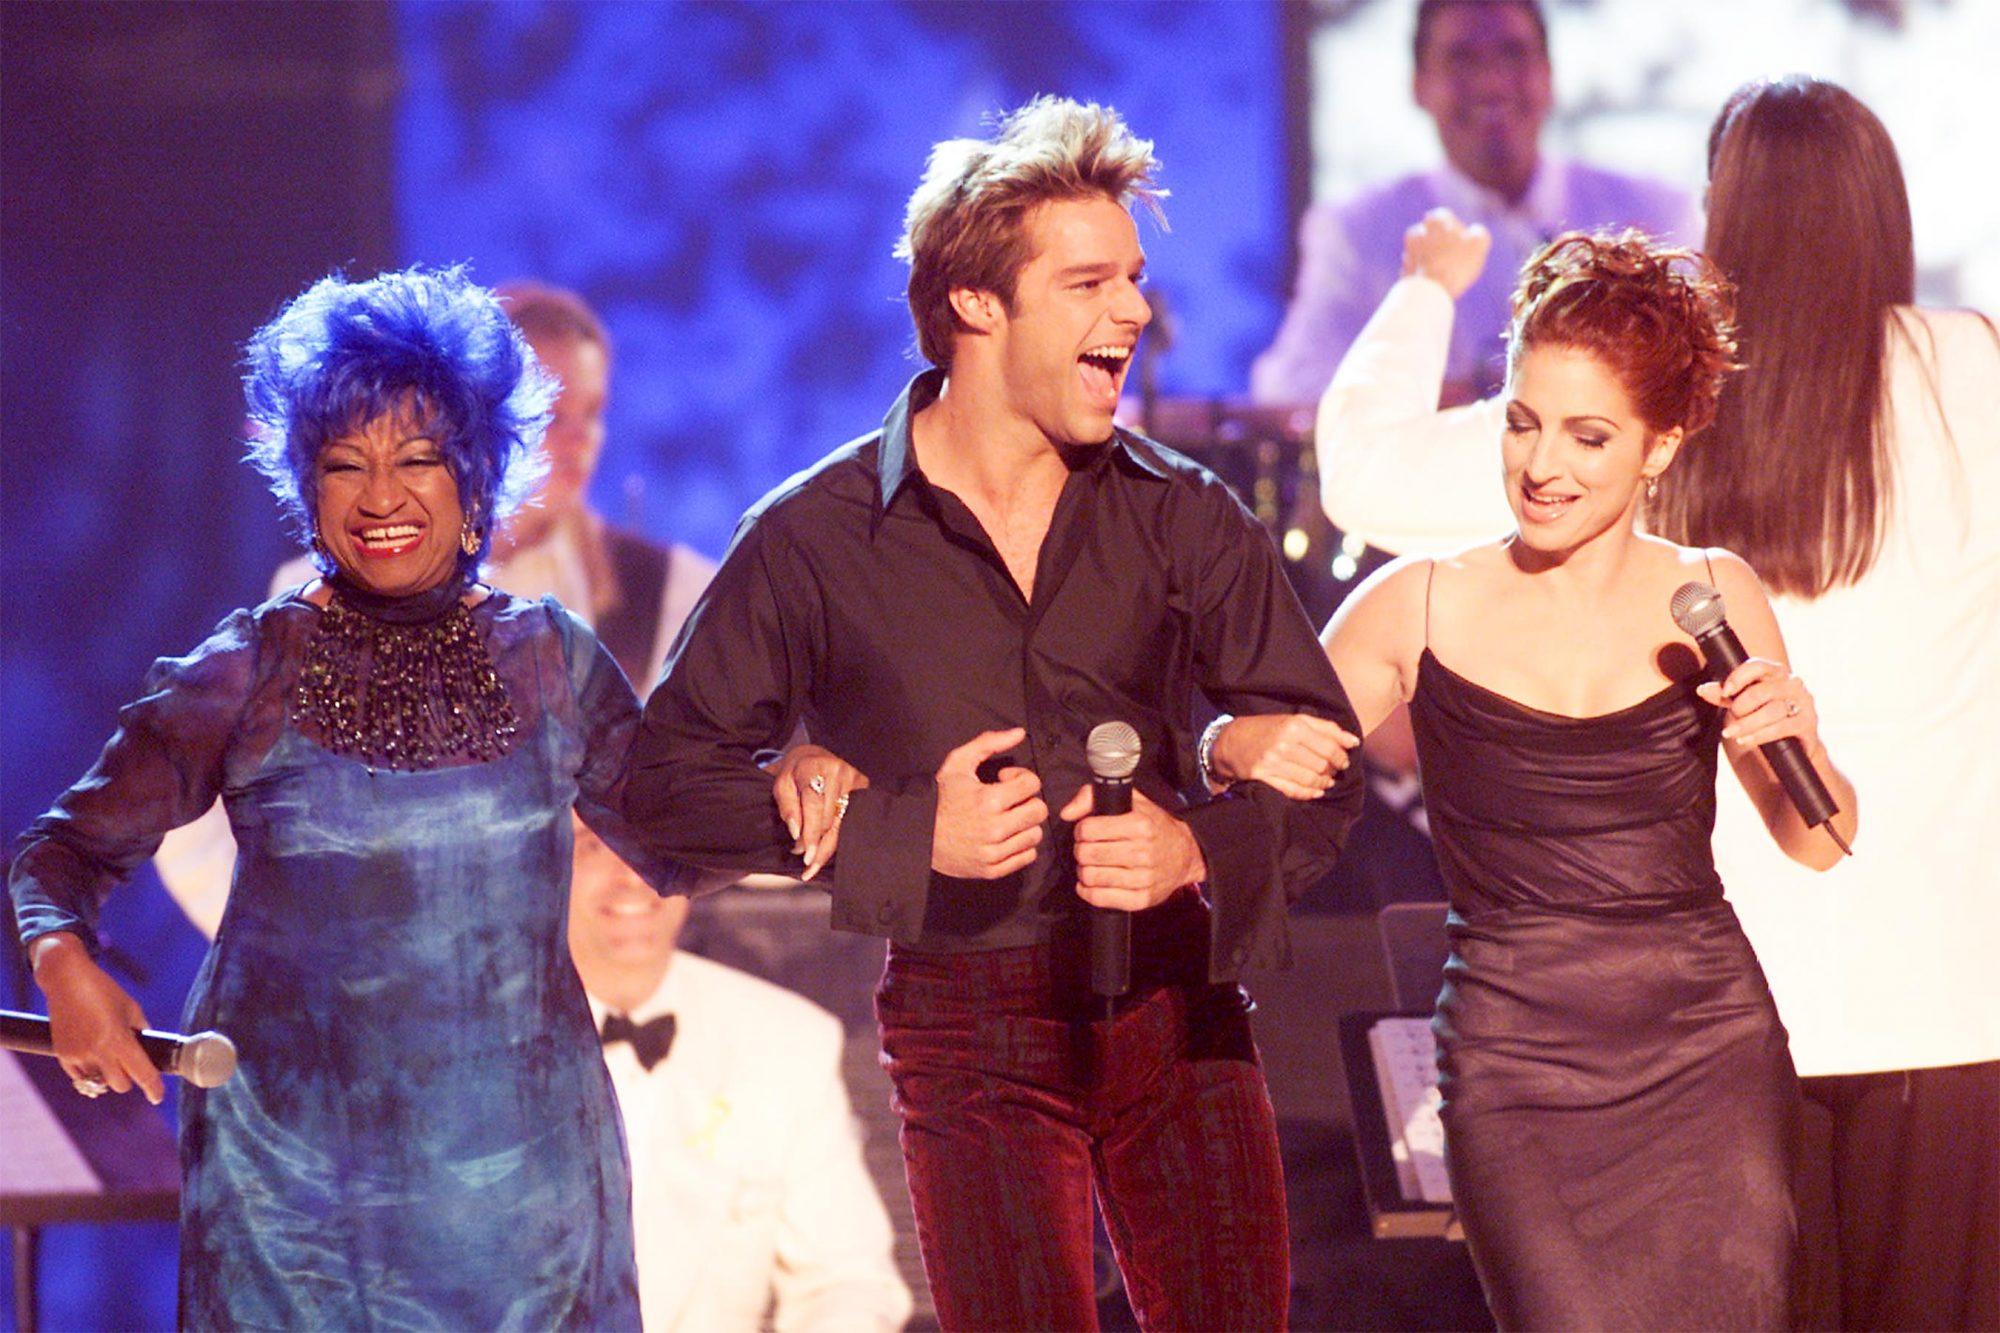 Celia Cruz, Ricky Martin, and Gloria Estefan